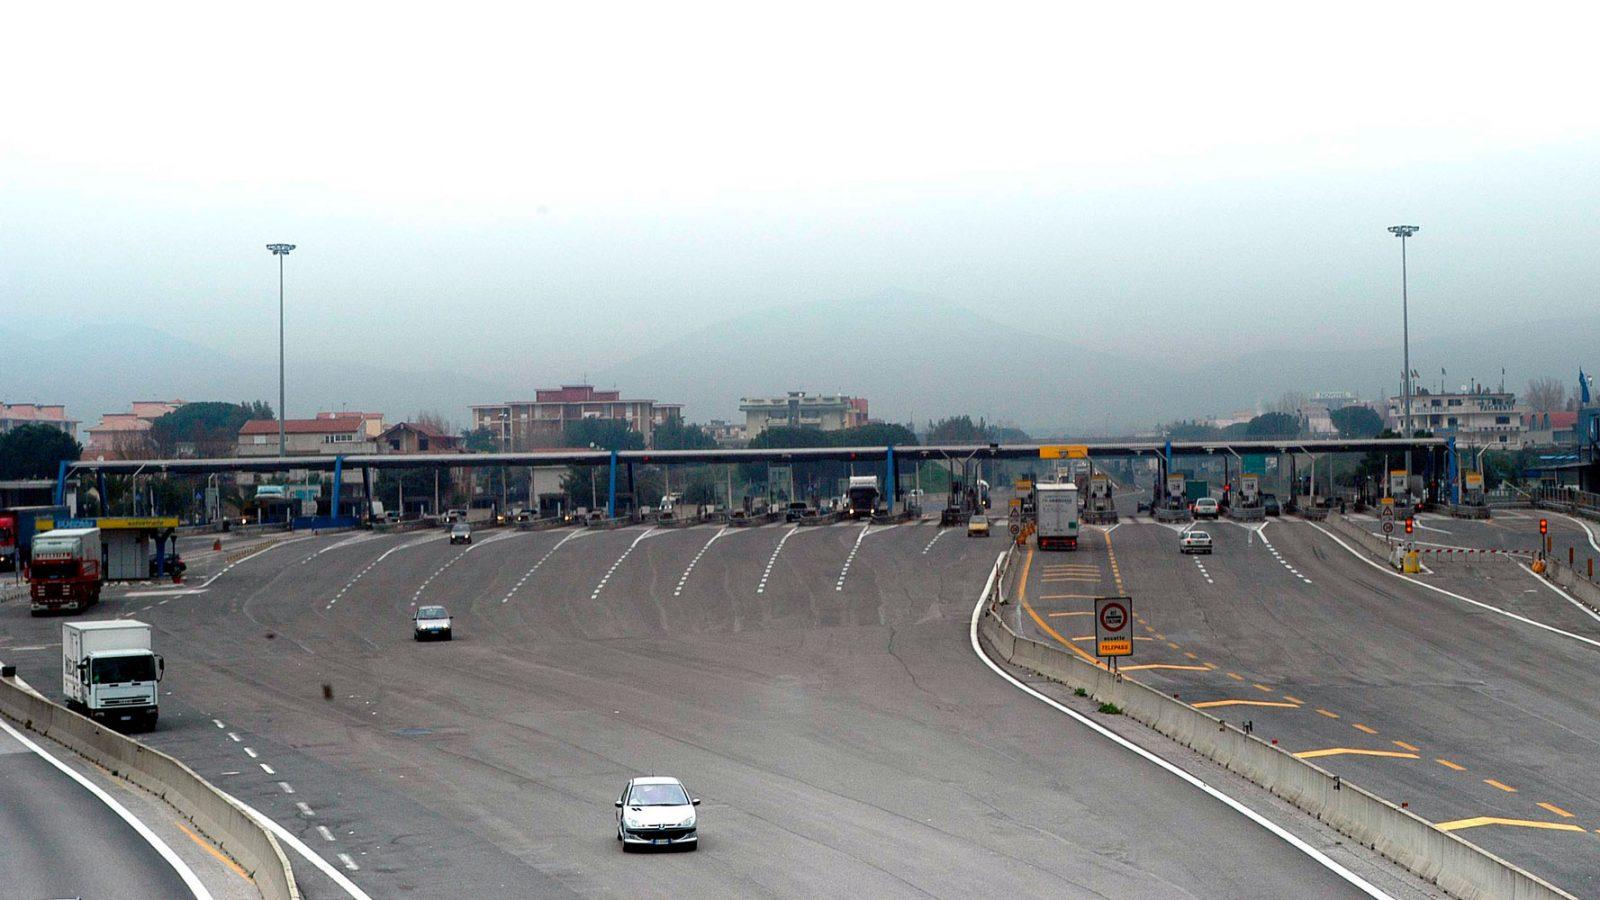 Autostrada del Sole, casello autostradale di Napoli, 2001 (fonte: Imagoeconomica)